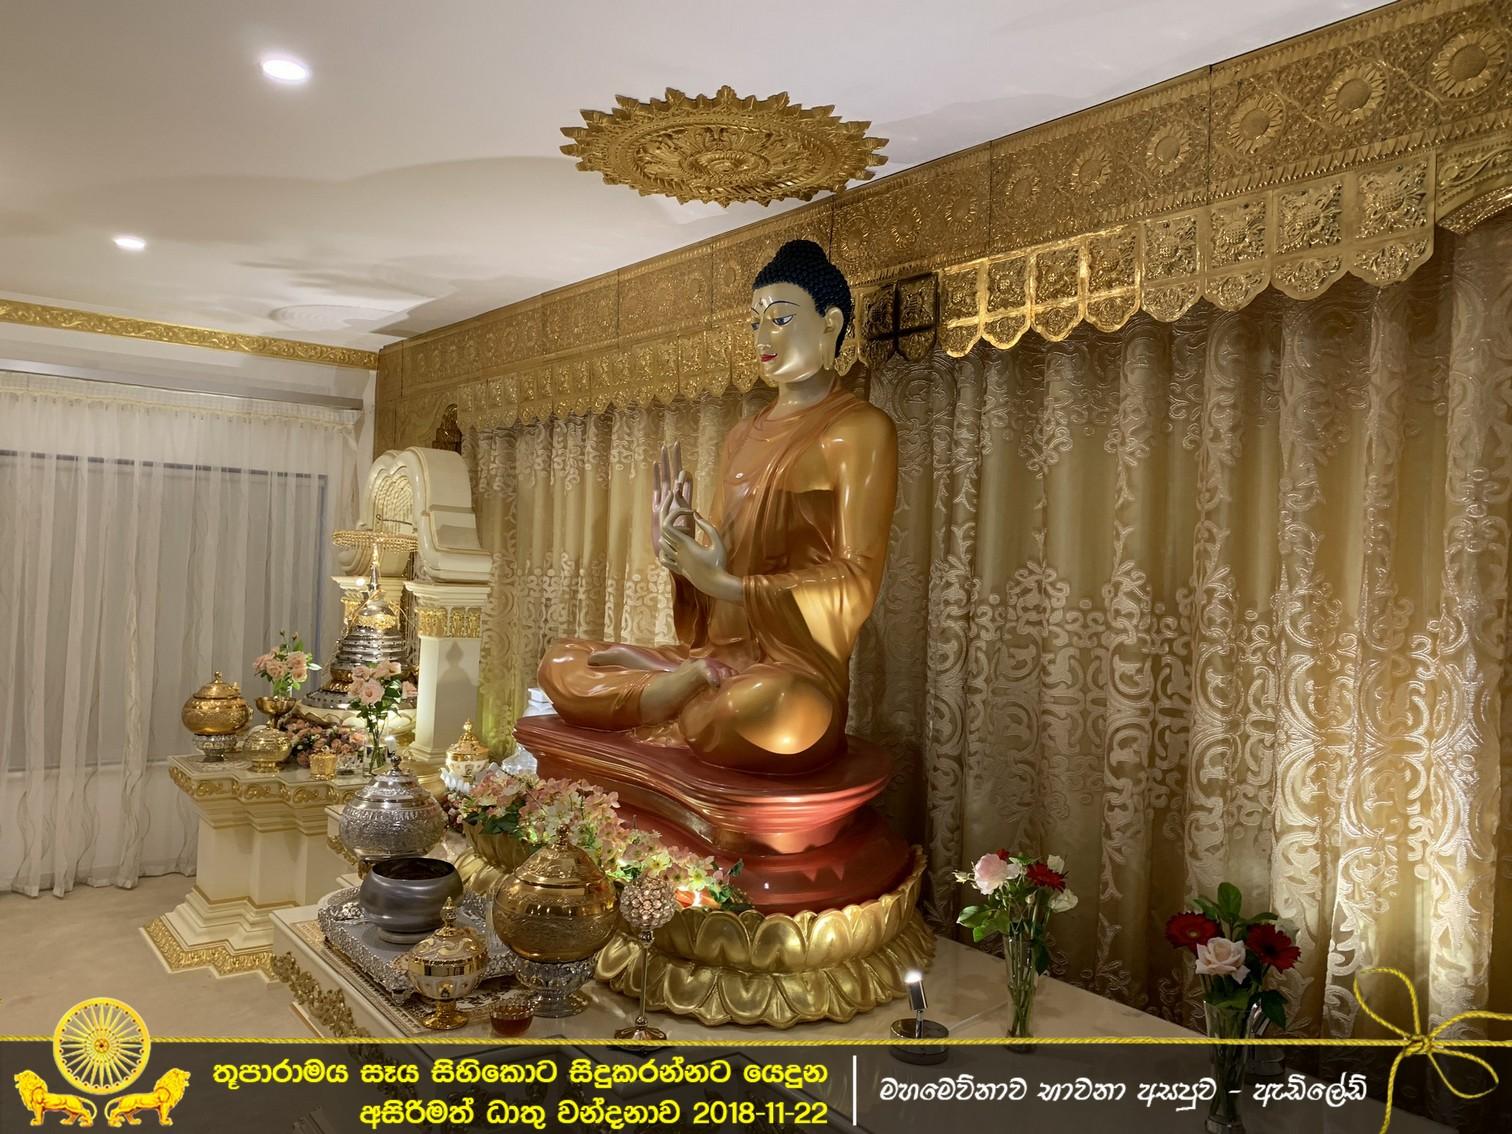 Thuparama015